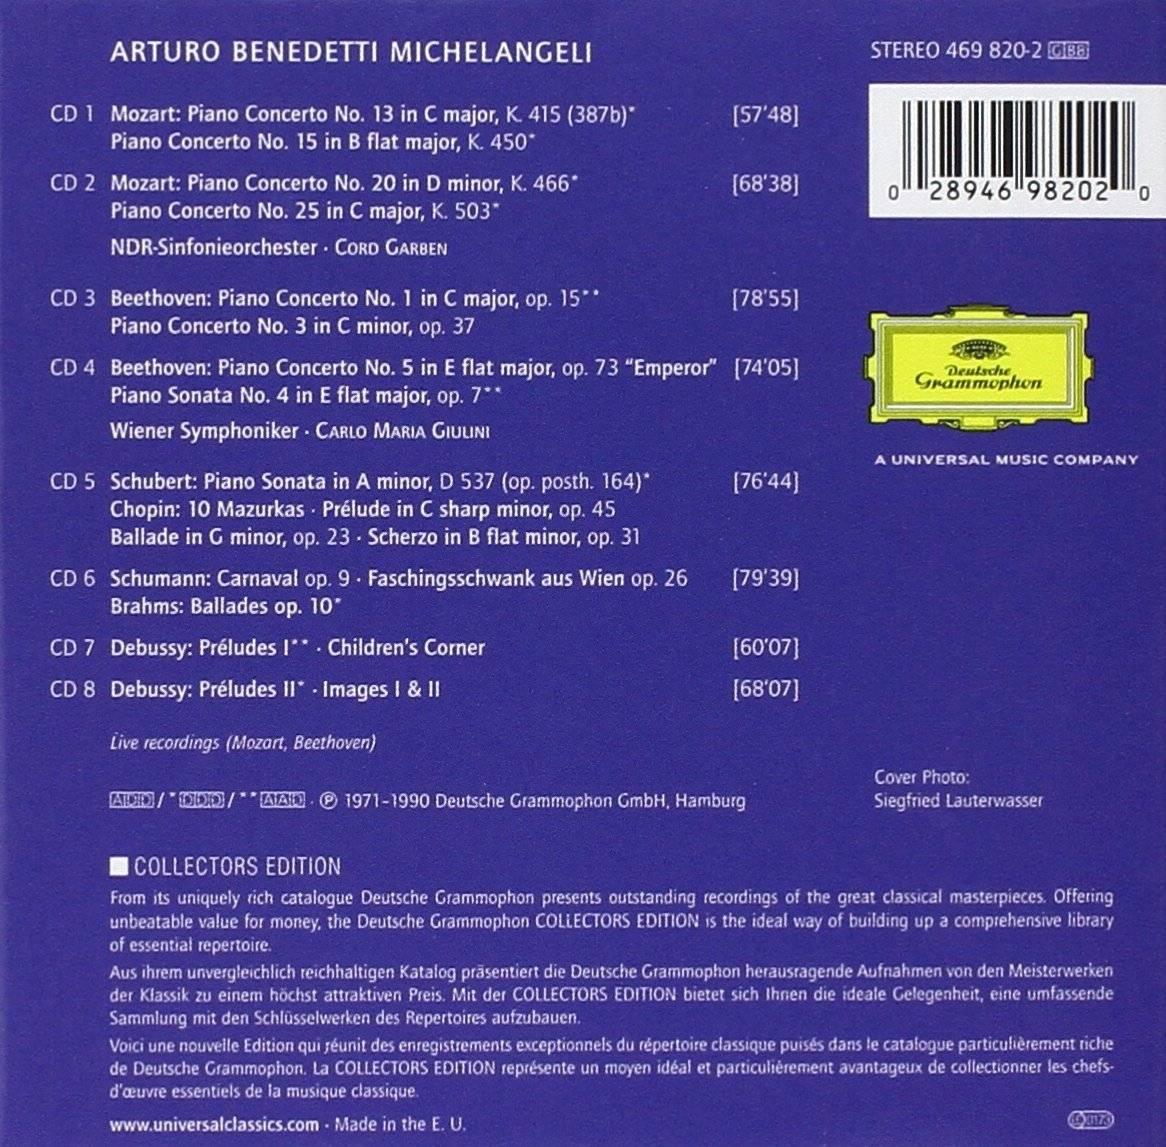 Arturo Benedetti Michelangeli - The Art Of Arturo Benedetti Michelangeli (DG Collectors Edition) (2003)